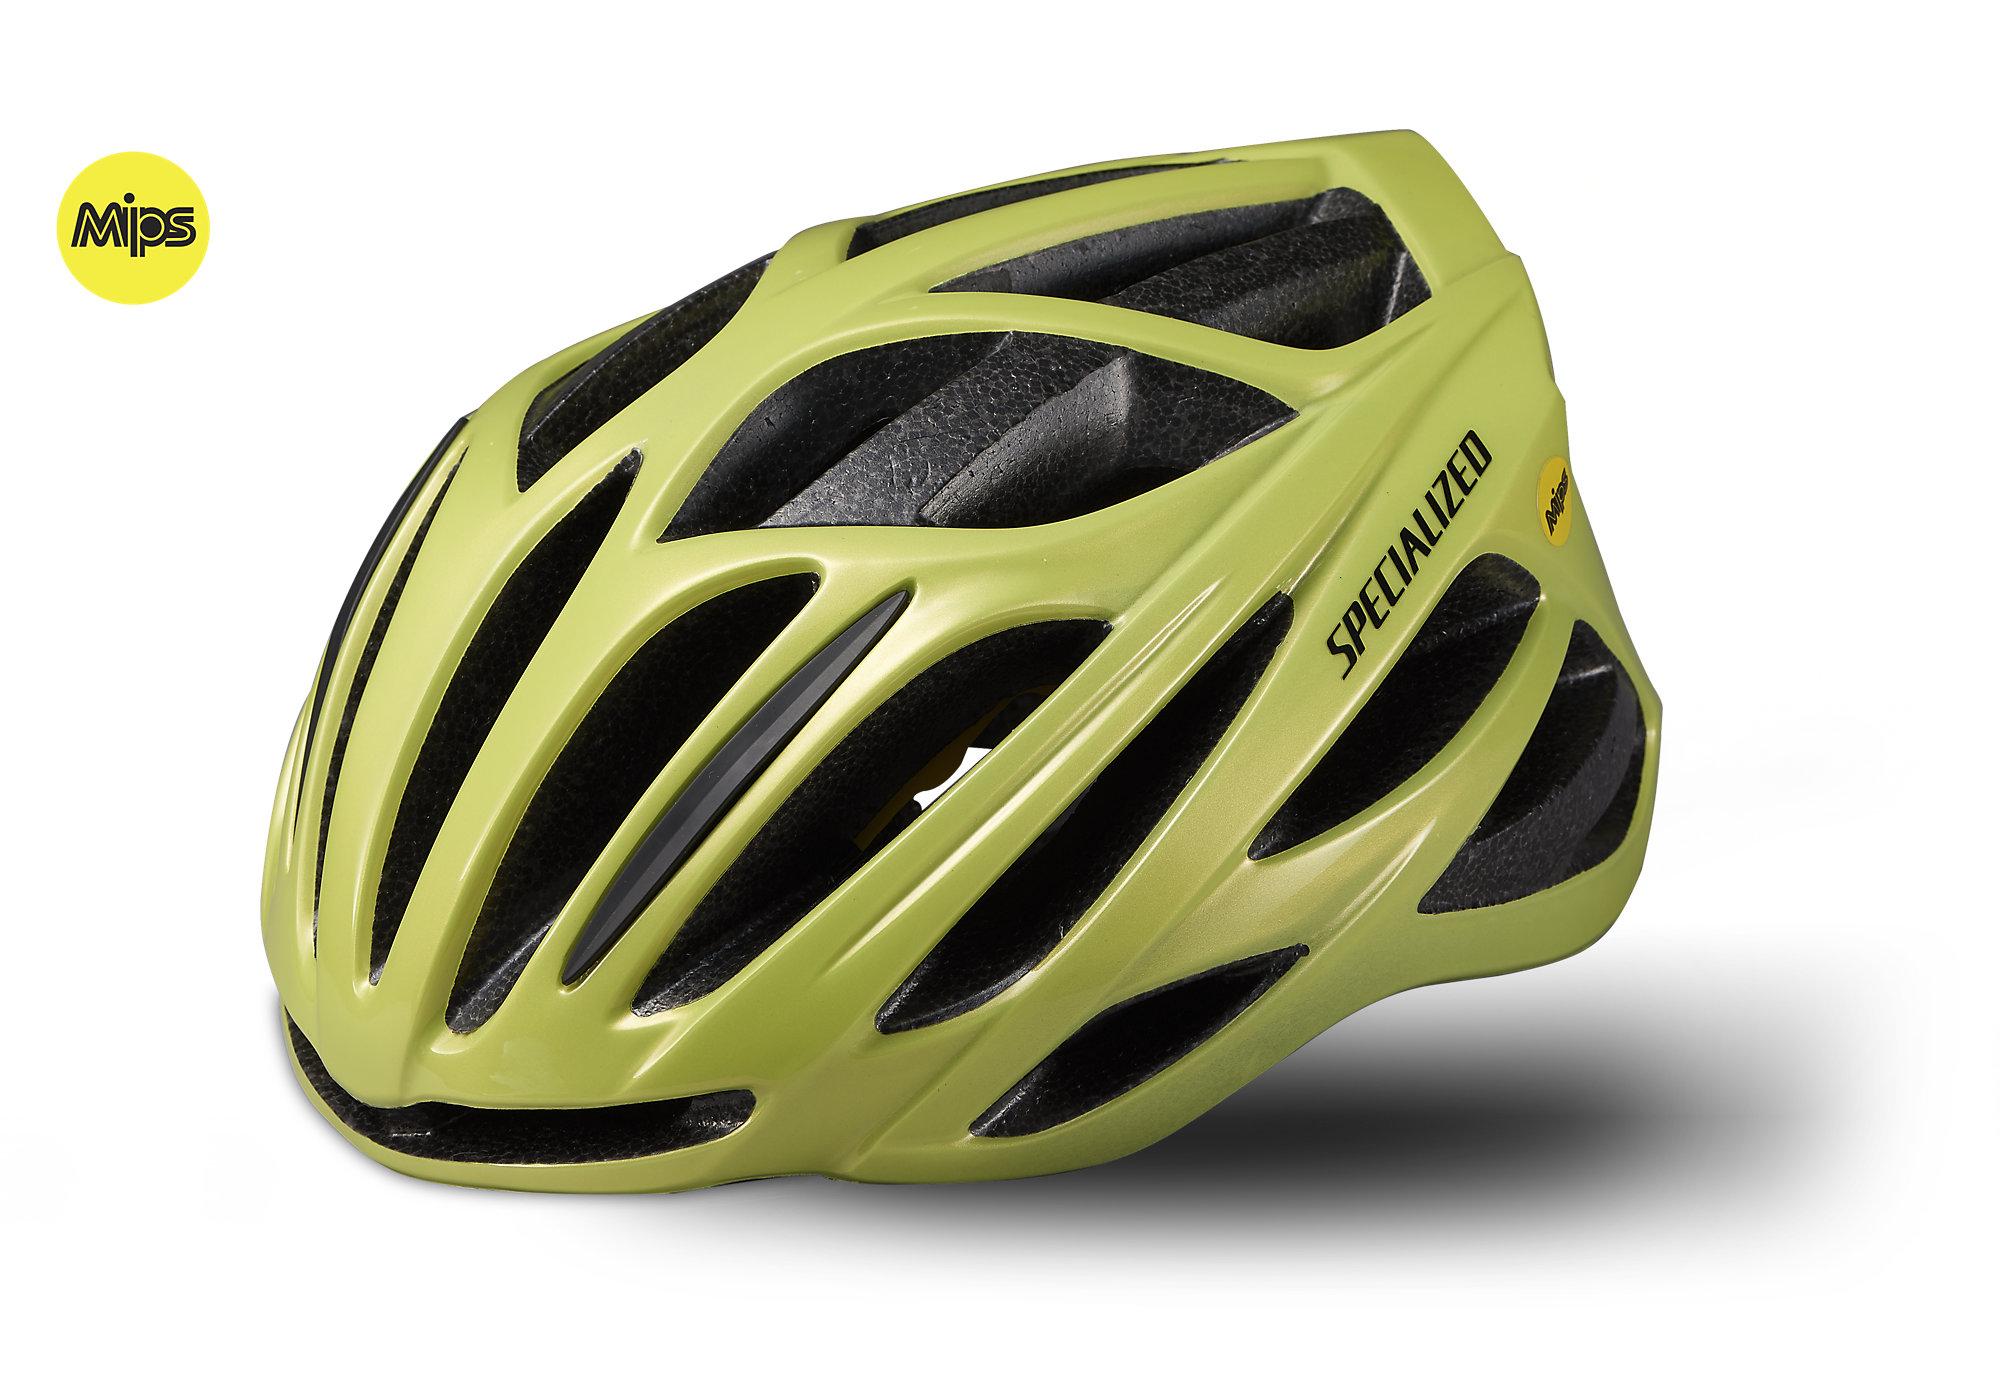 d715ff23e1d 2019 Specialized Echelon II MIPS Cycling Helmet in Yellow £70.00